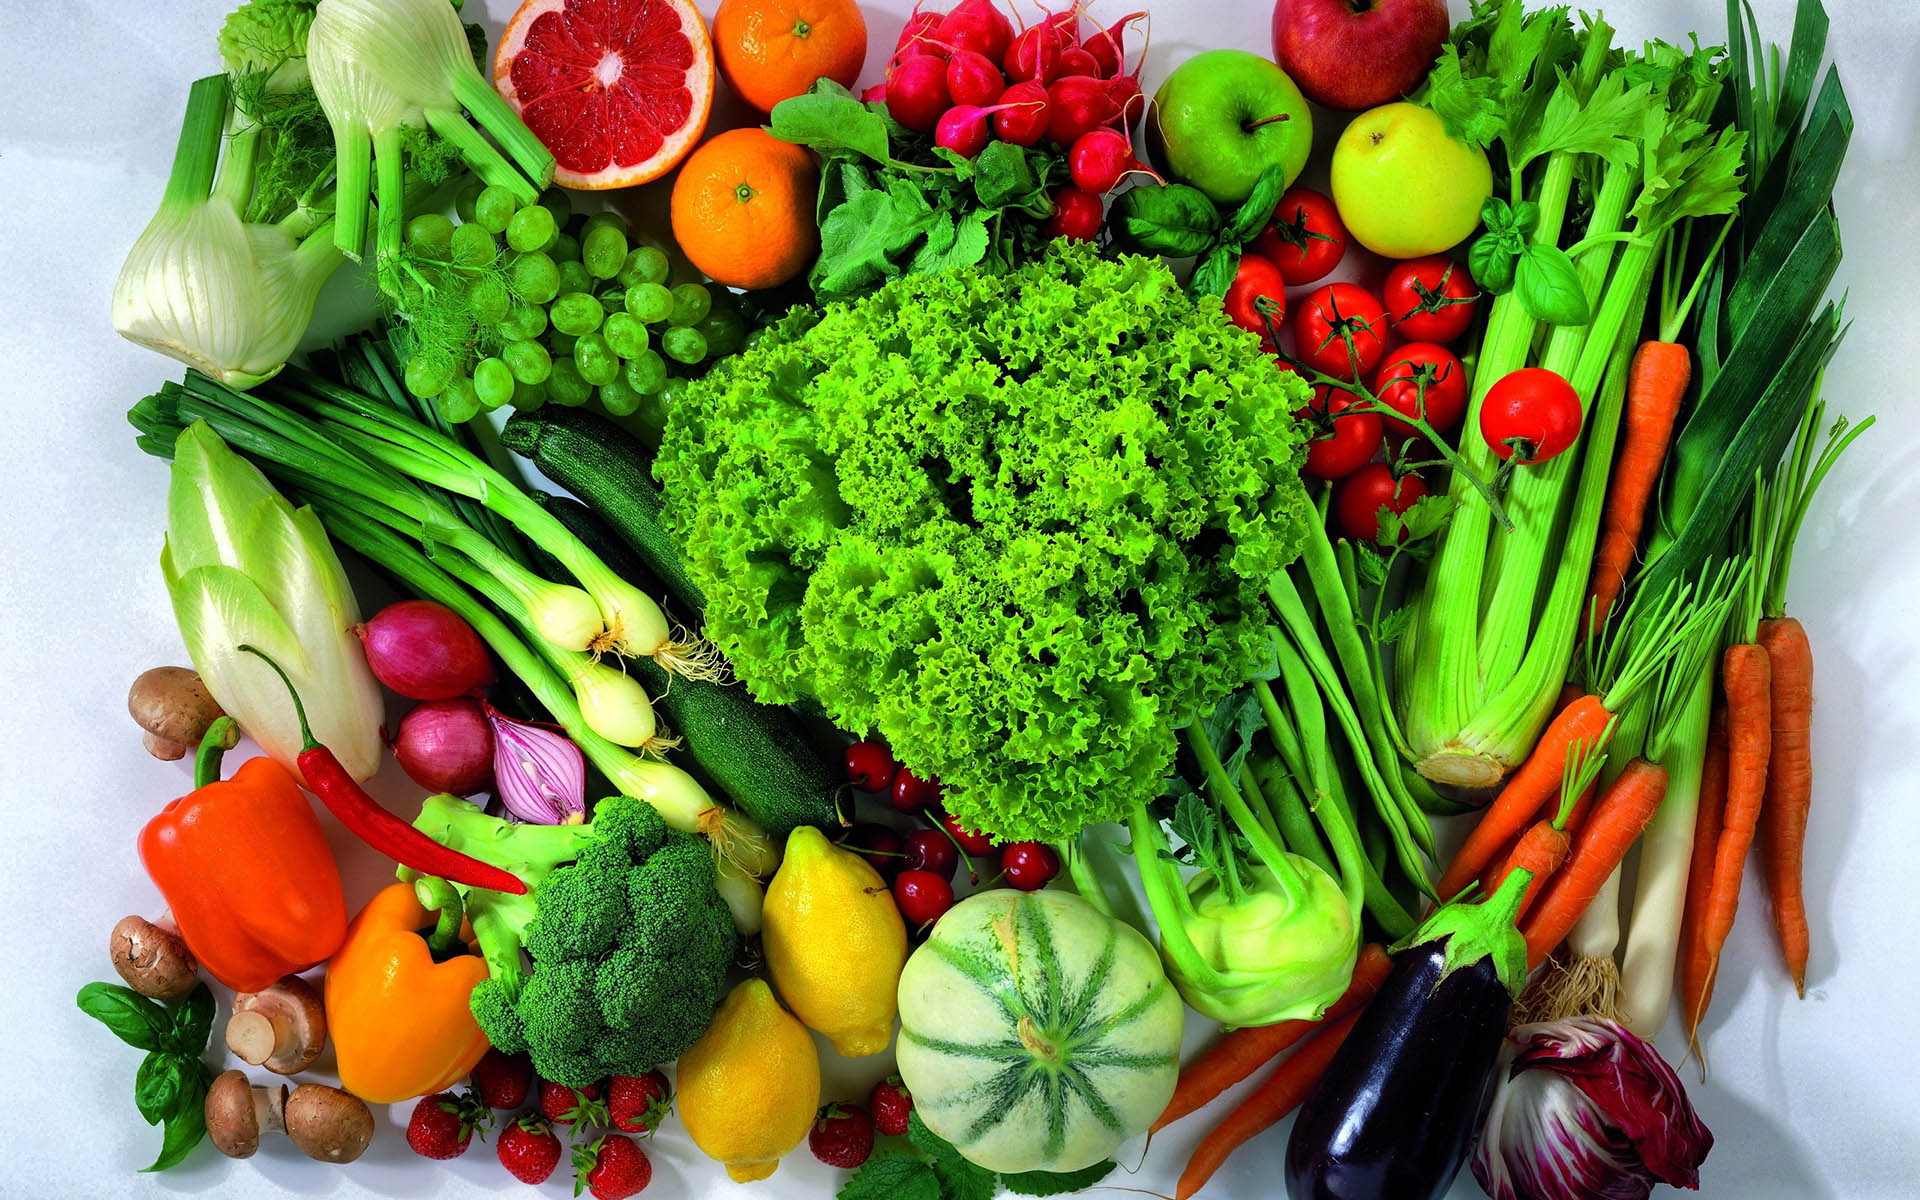 لیست میوه وسبزی فروشی های تهران